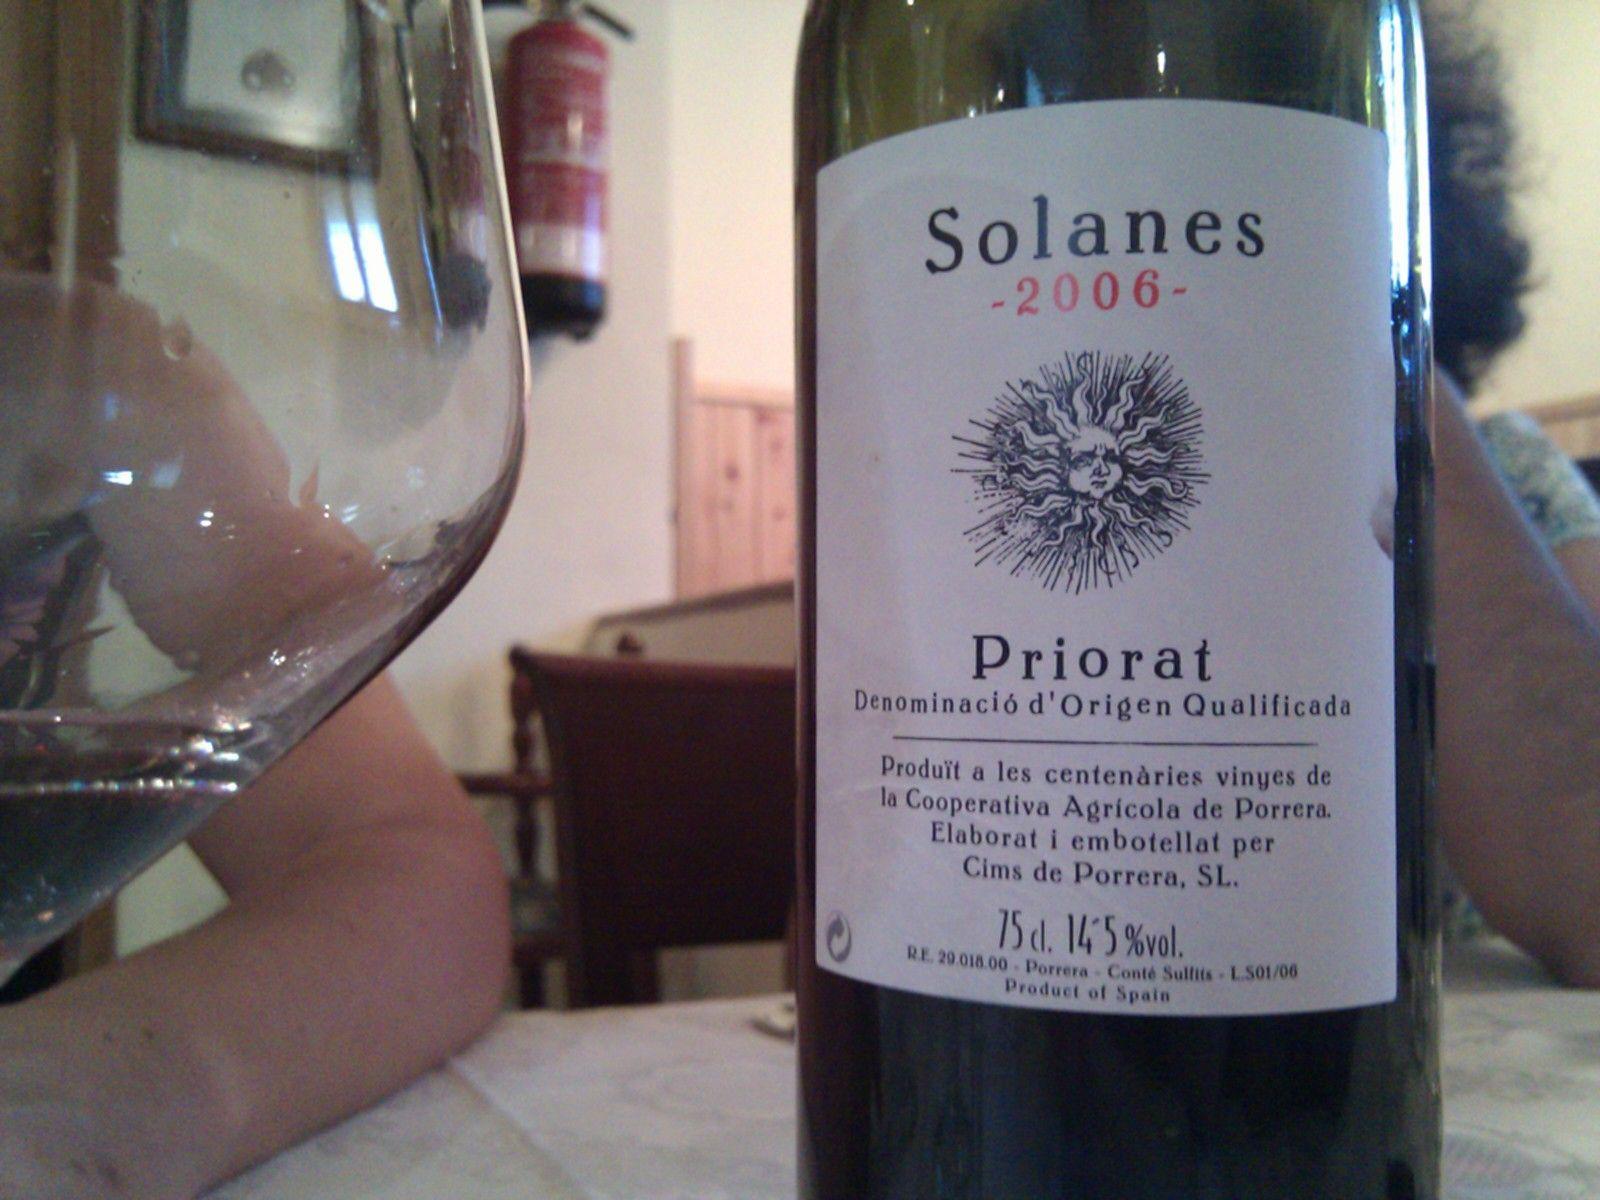 #avuitastem un Solanes 2006, Priorat